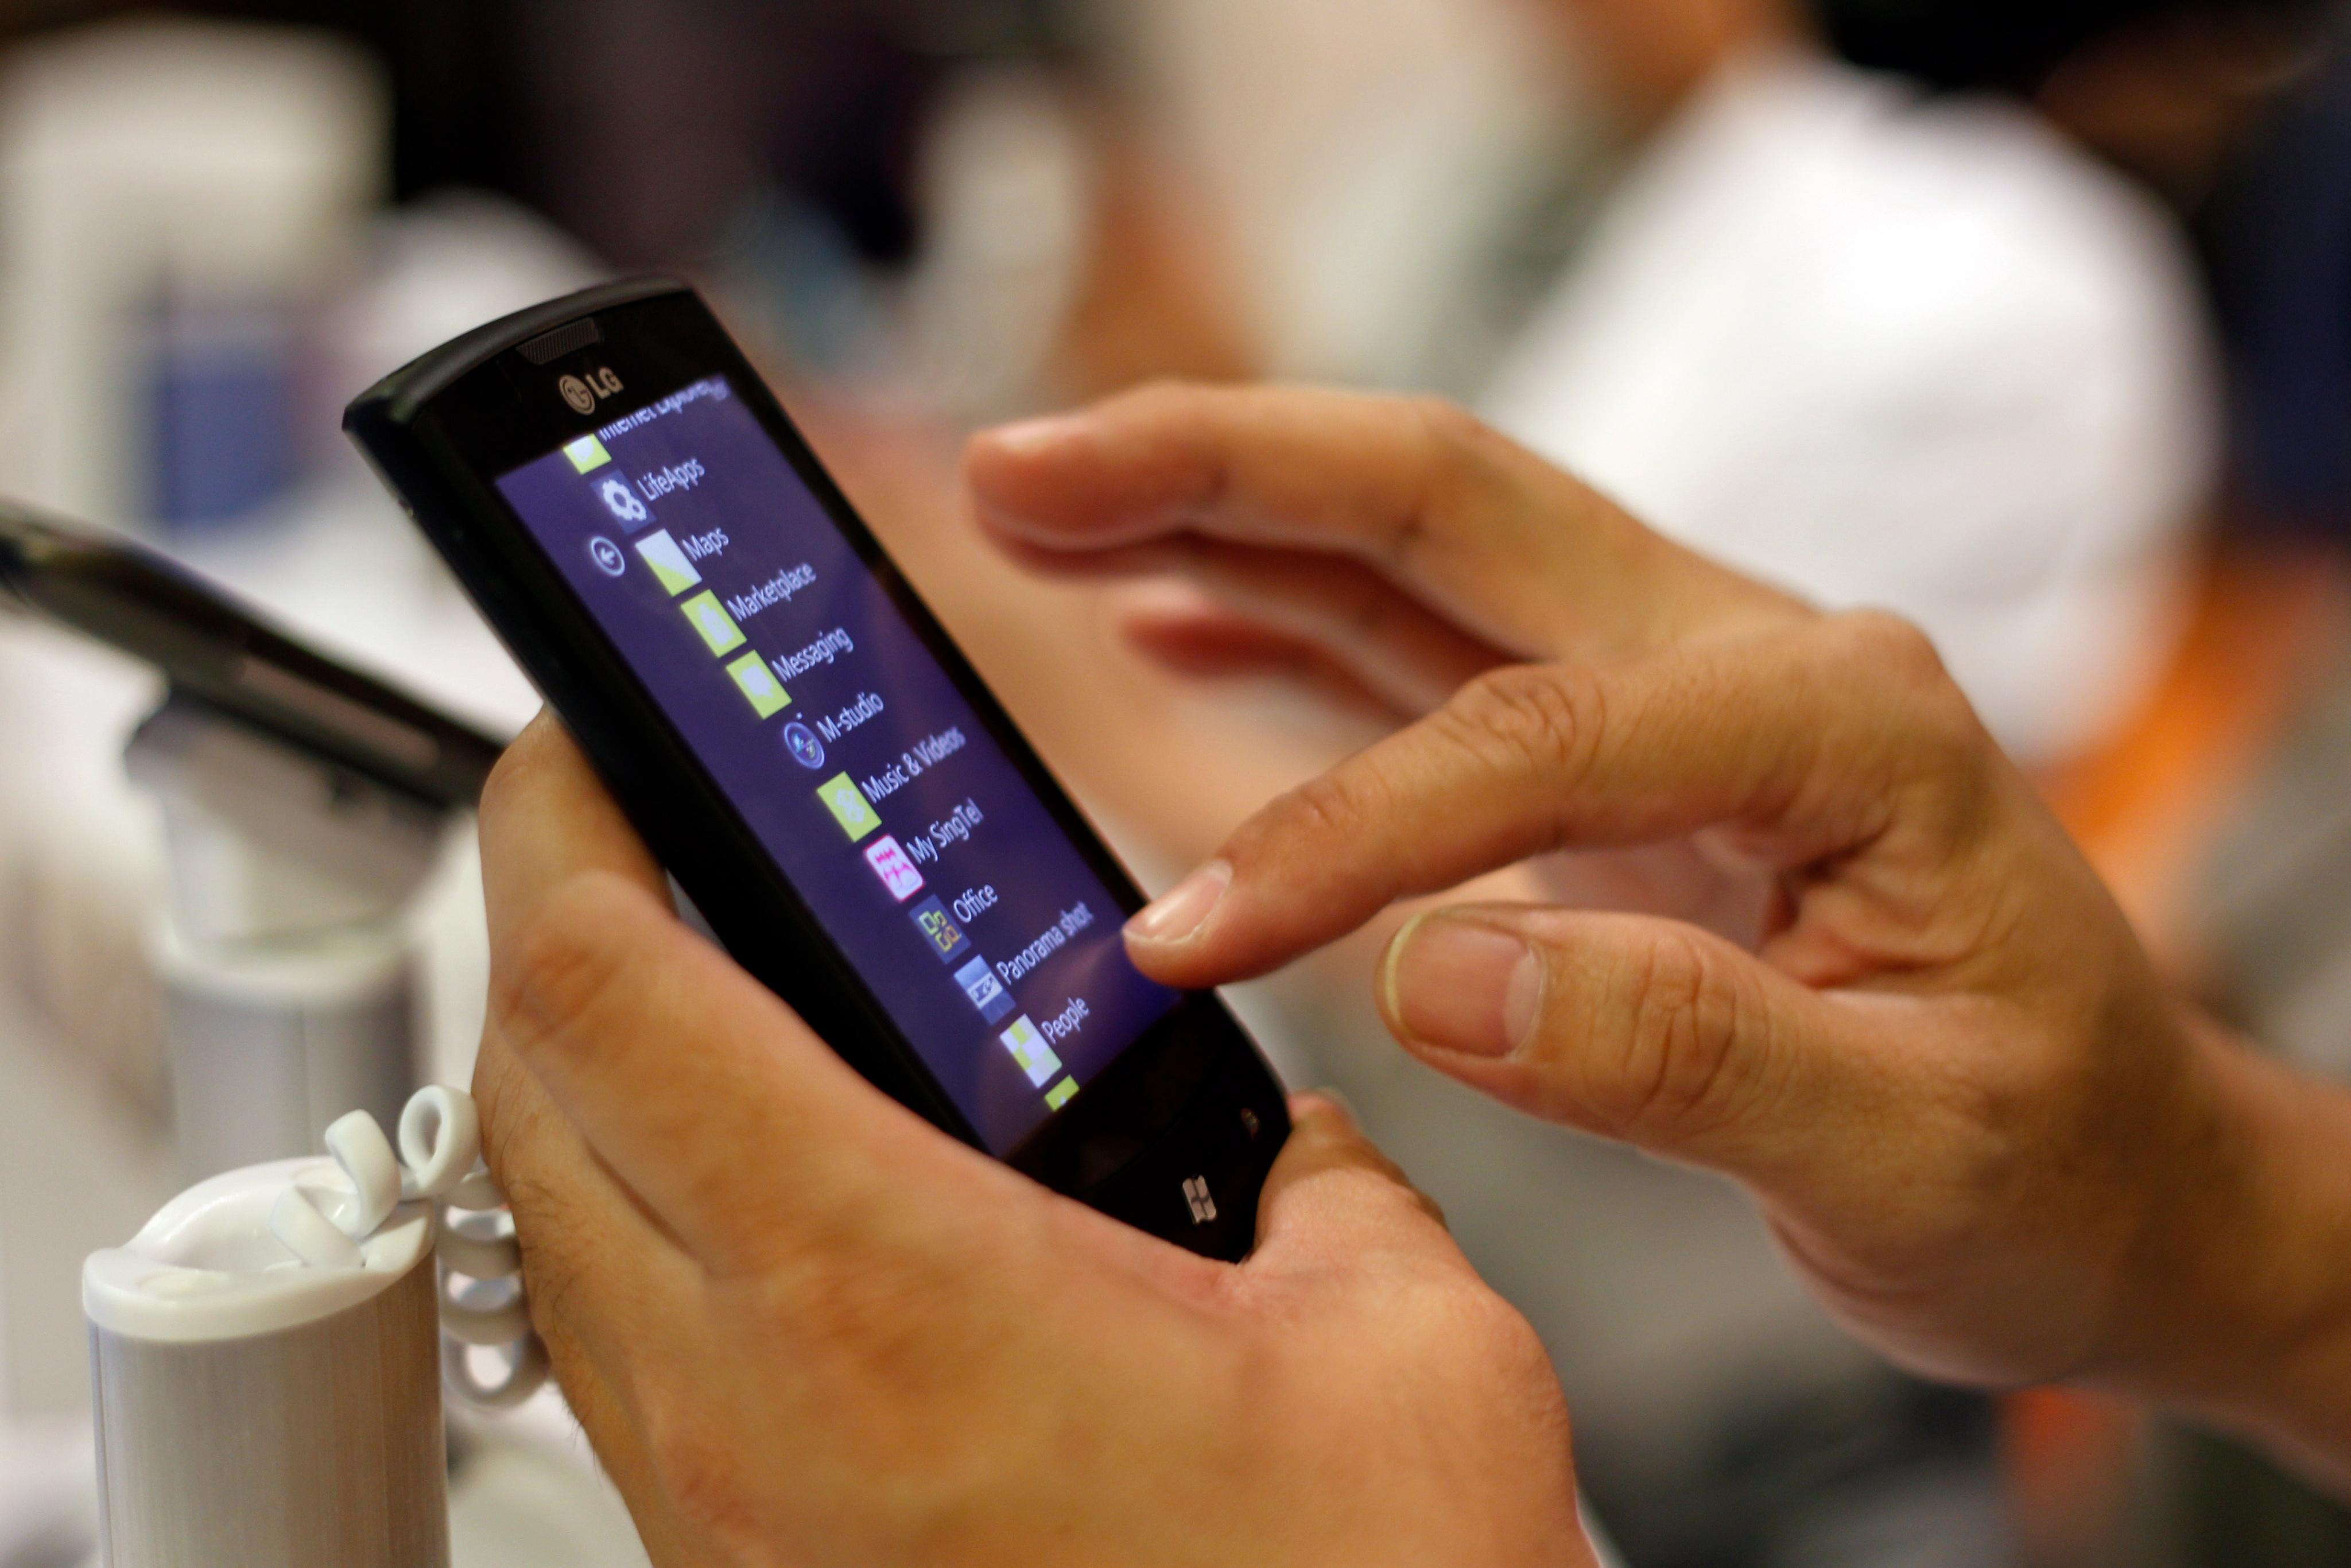 Мъжете предпочитат обаждане пред SMS